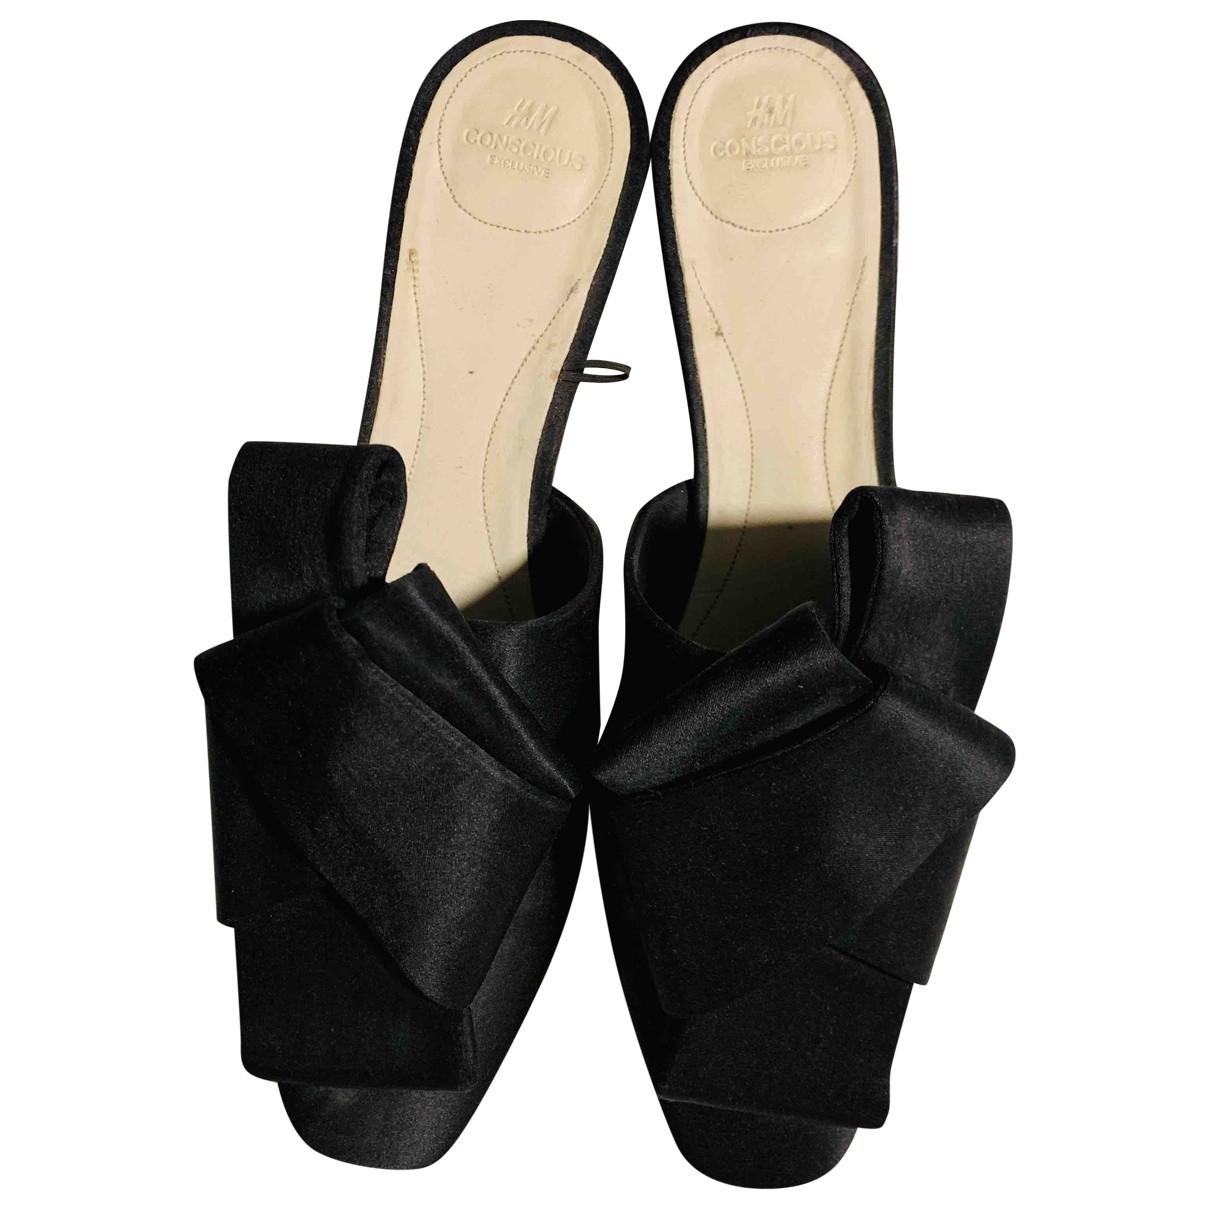 Hm Conscious Exclusive - Sabots   pour femme en toile - noir